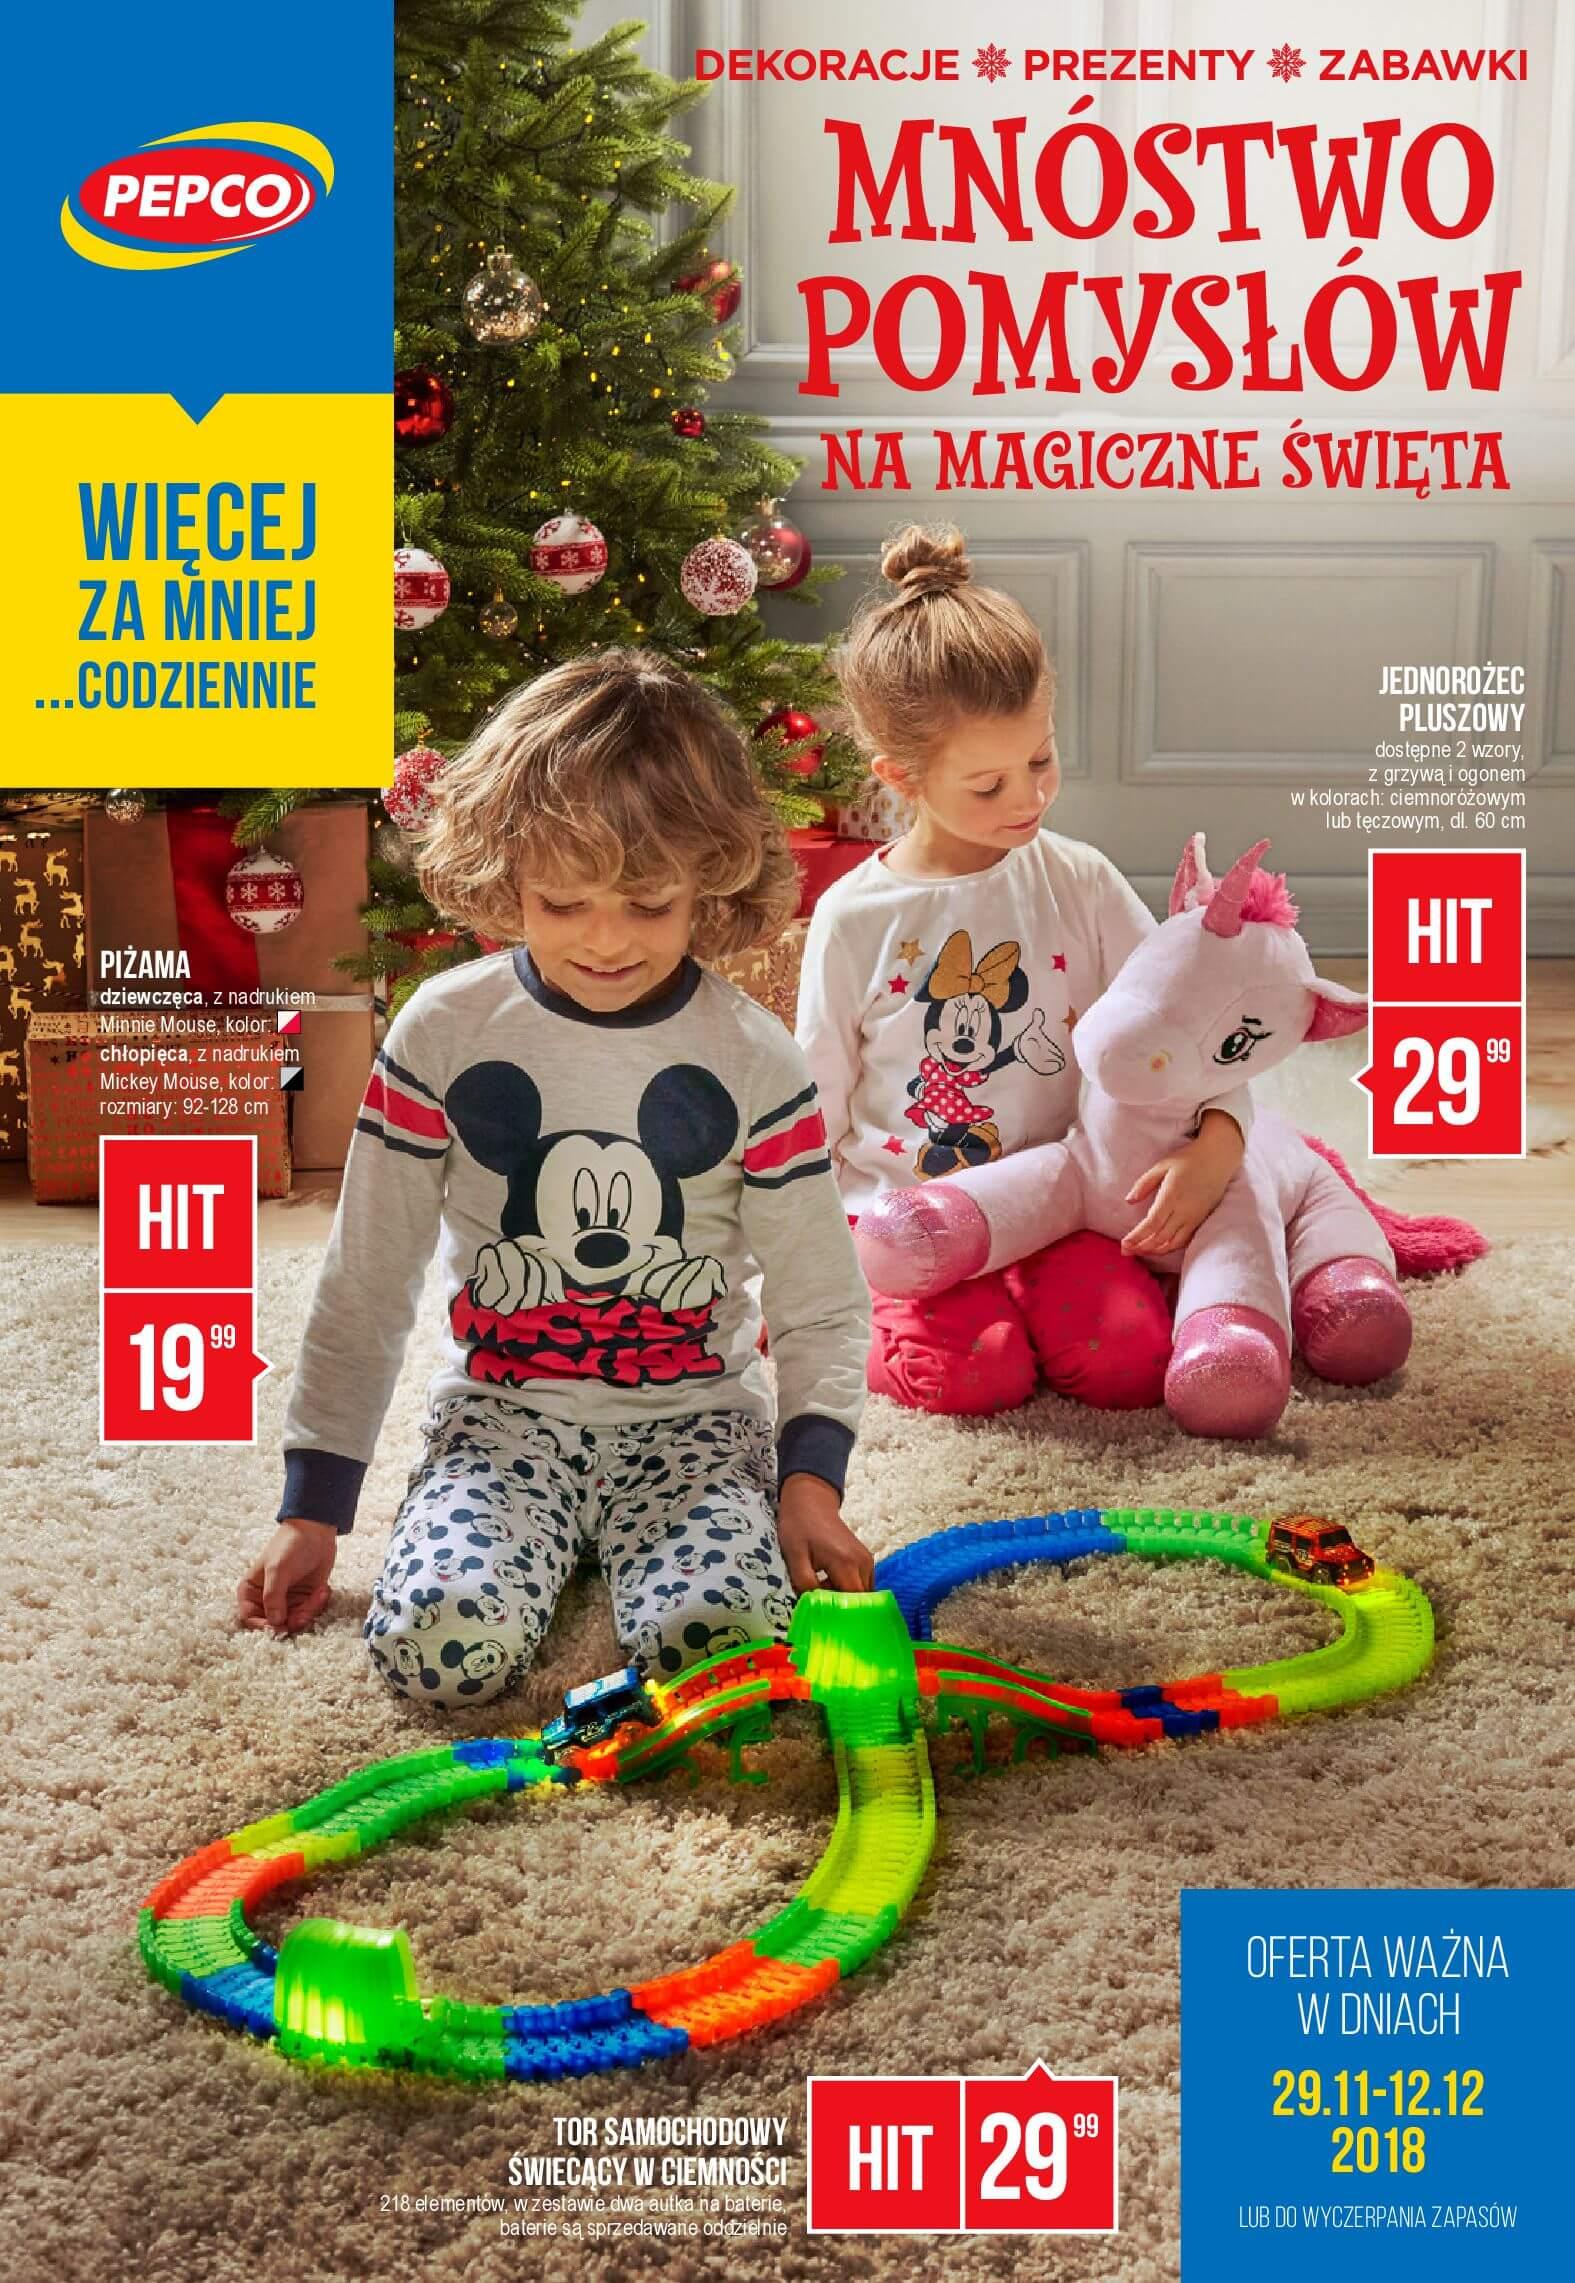 Gazetka Pepco - Mnóstwo pomysłów na magiczne święta-27.11.2018-12.12.2018-page-